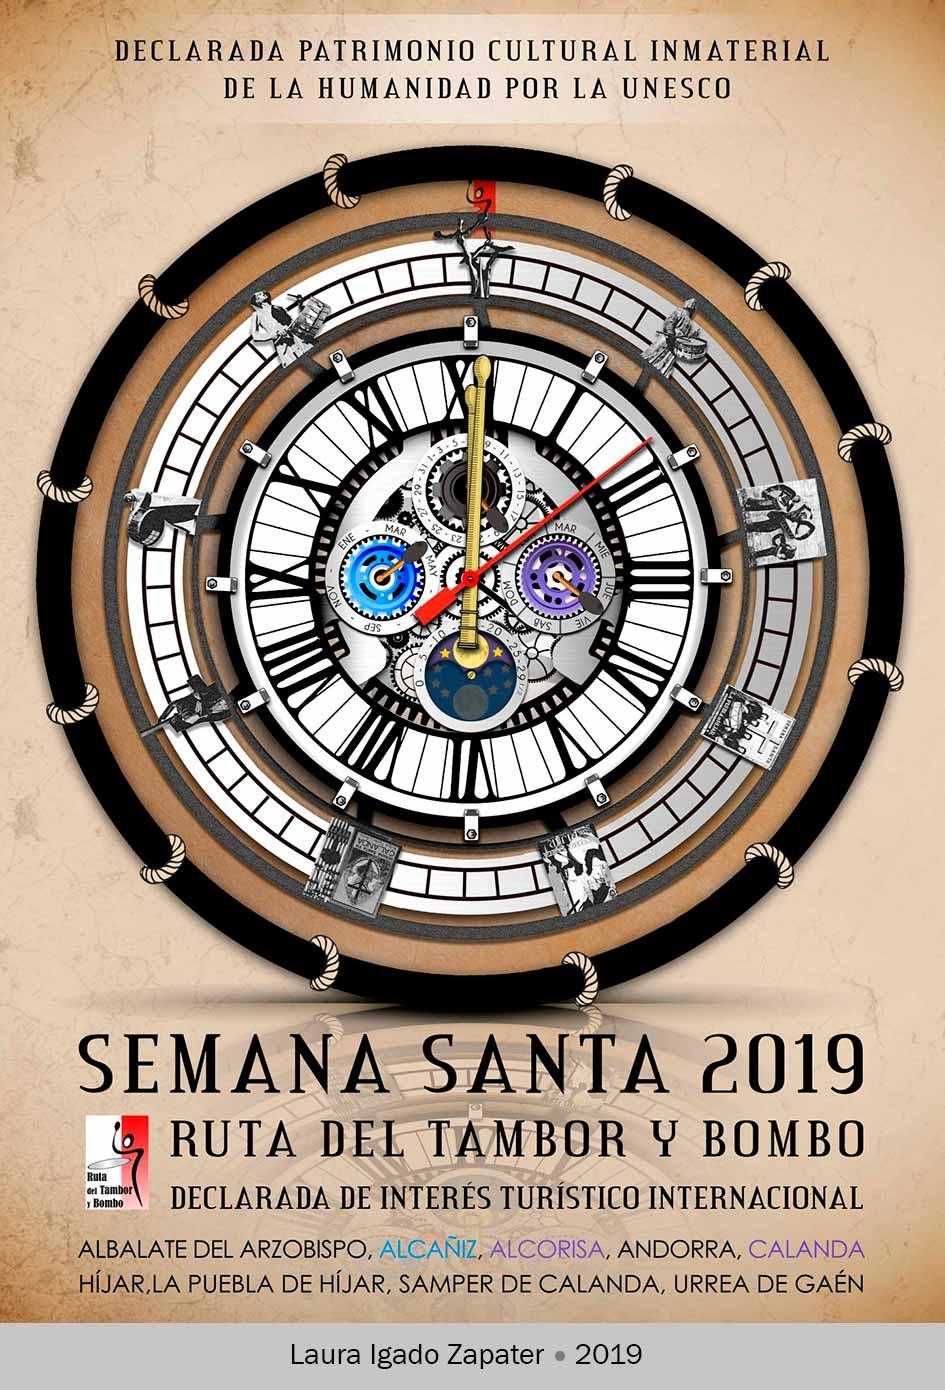 Cartel ganador del Concurso Semana Santa 2019 Ruta del Tambor y Bombo. Laura Igado Zapater